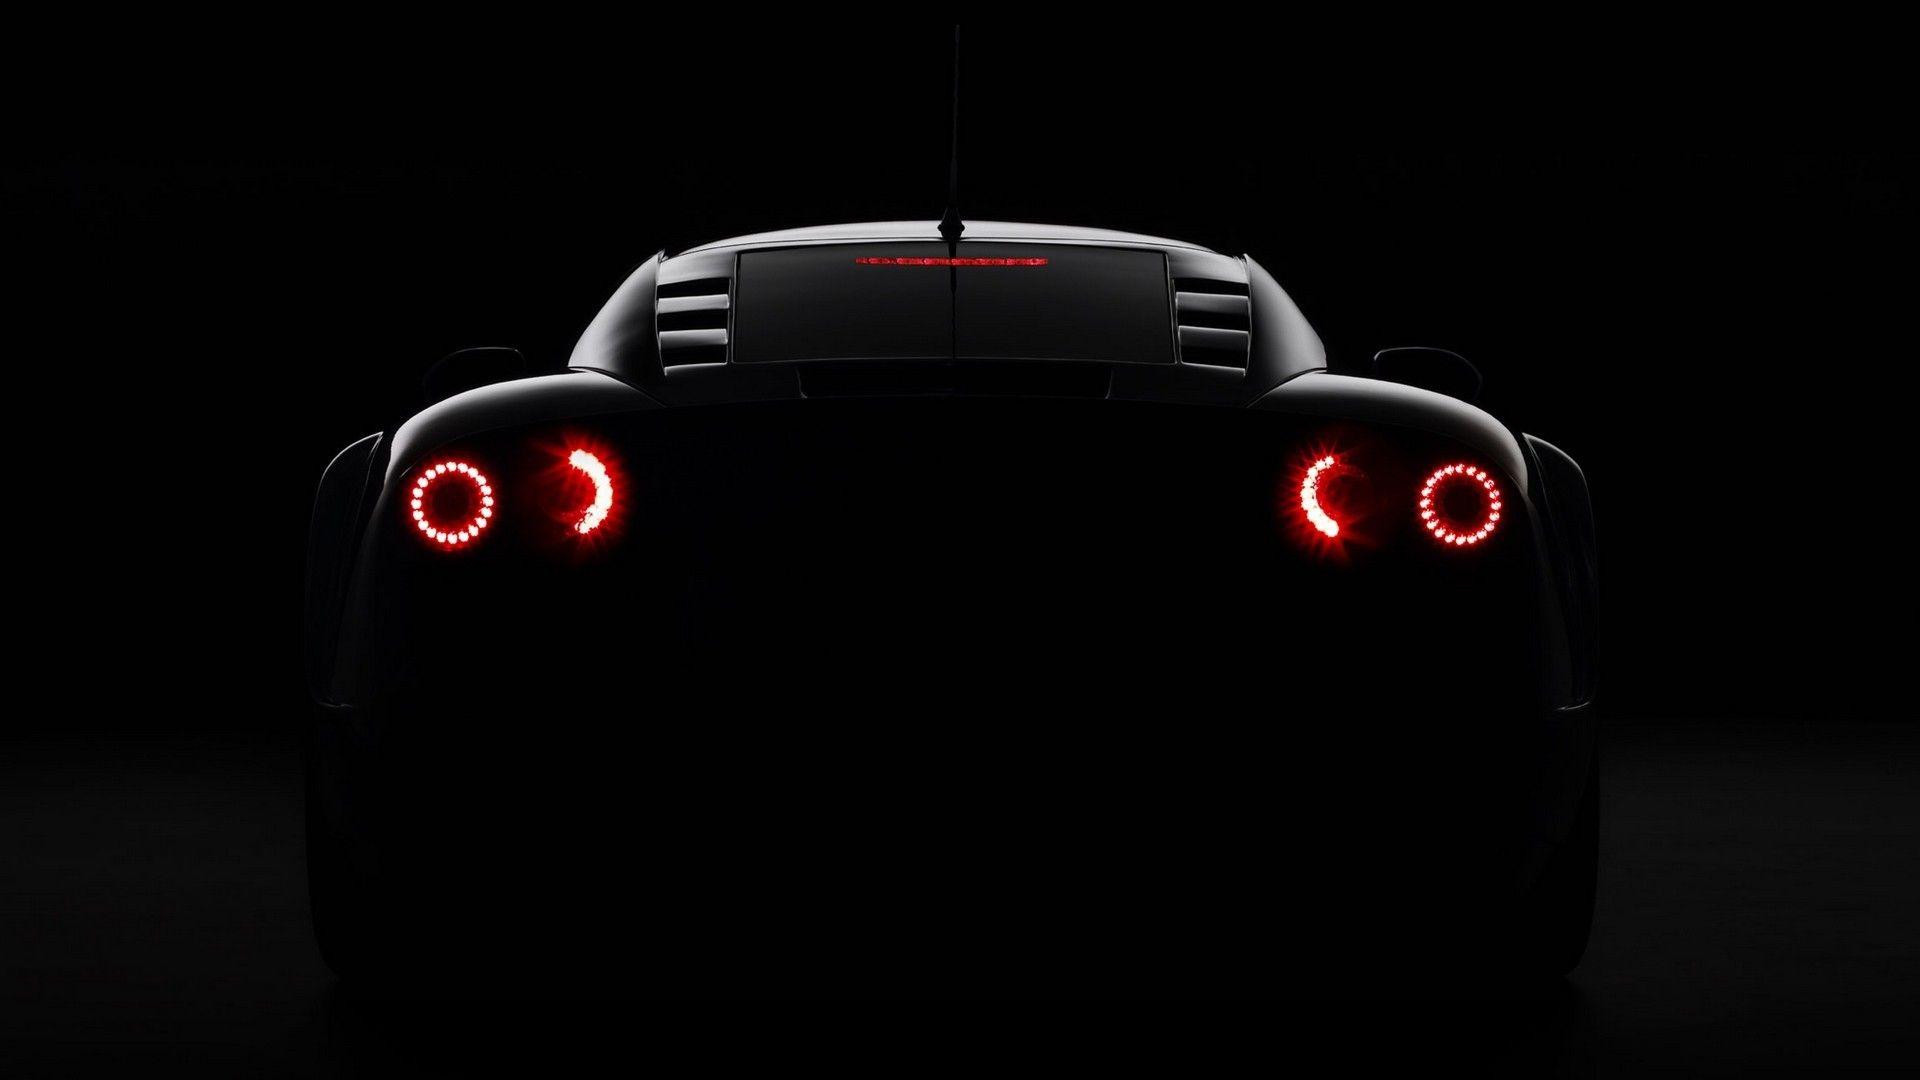 Car Bugatti Veyron Lights Wallpaper Sports Car Wallpaper Super Cars Car Wallpaper